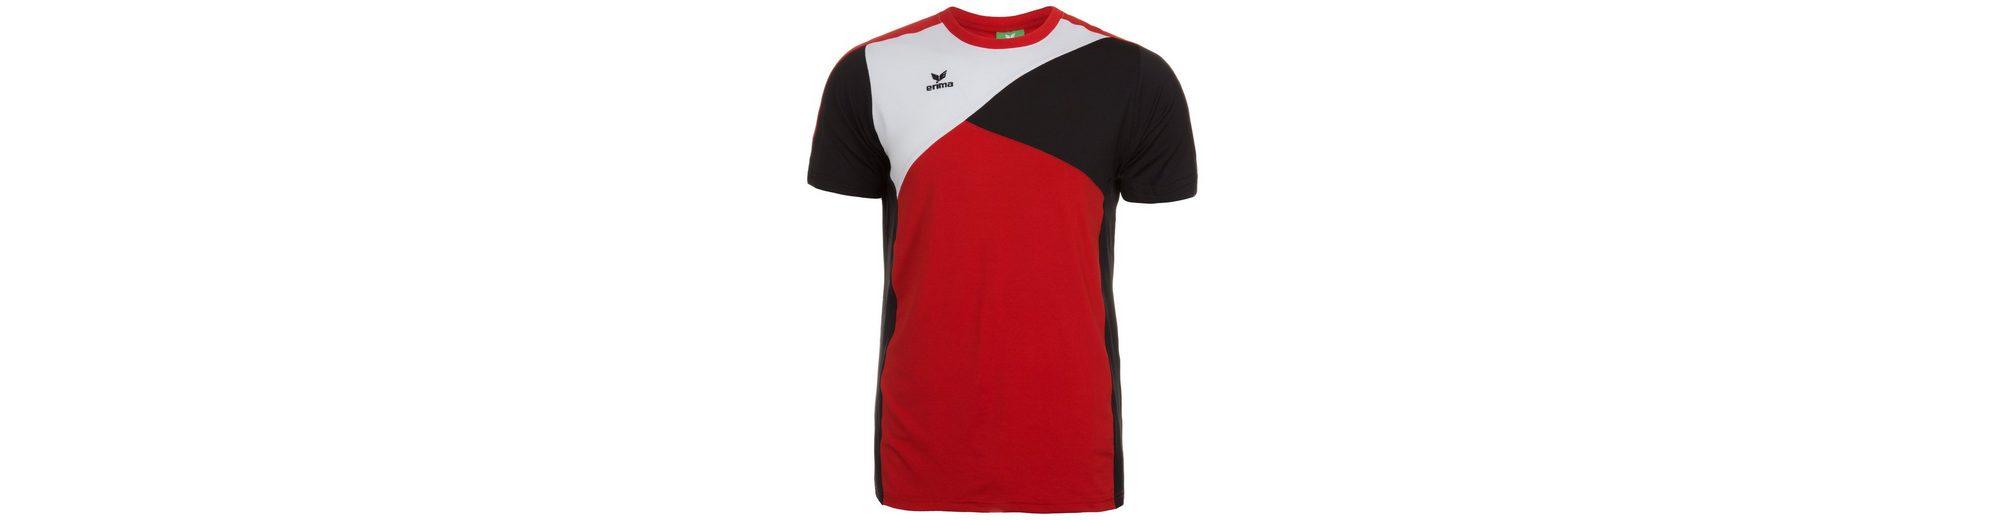 Amazonas Spielraum Größte Lieferant ERIMA Premium One T-Shirt Herren Extrem Online hTefOyznqN